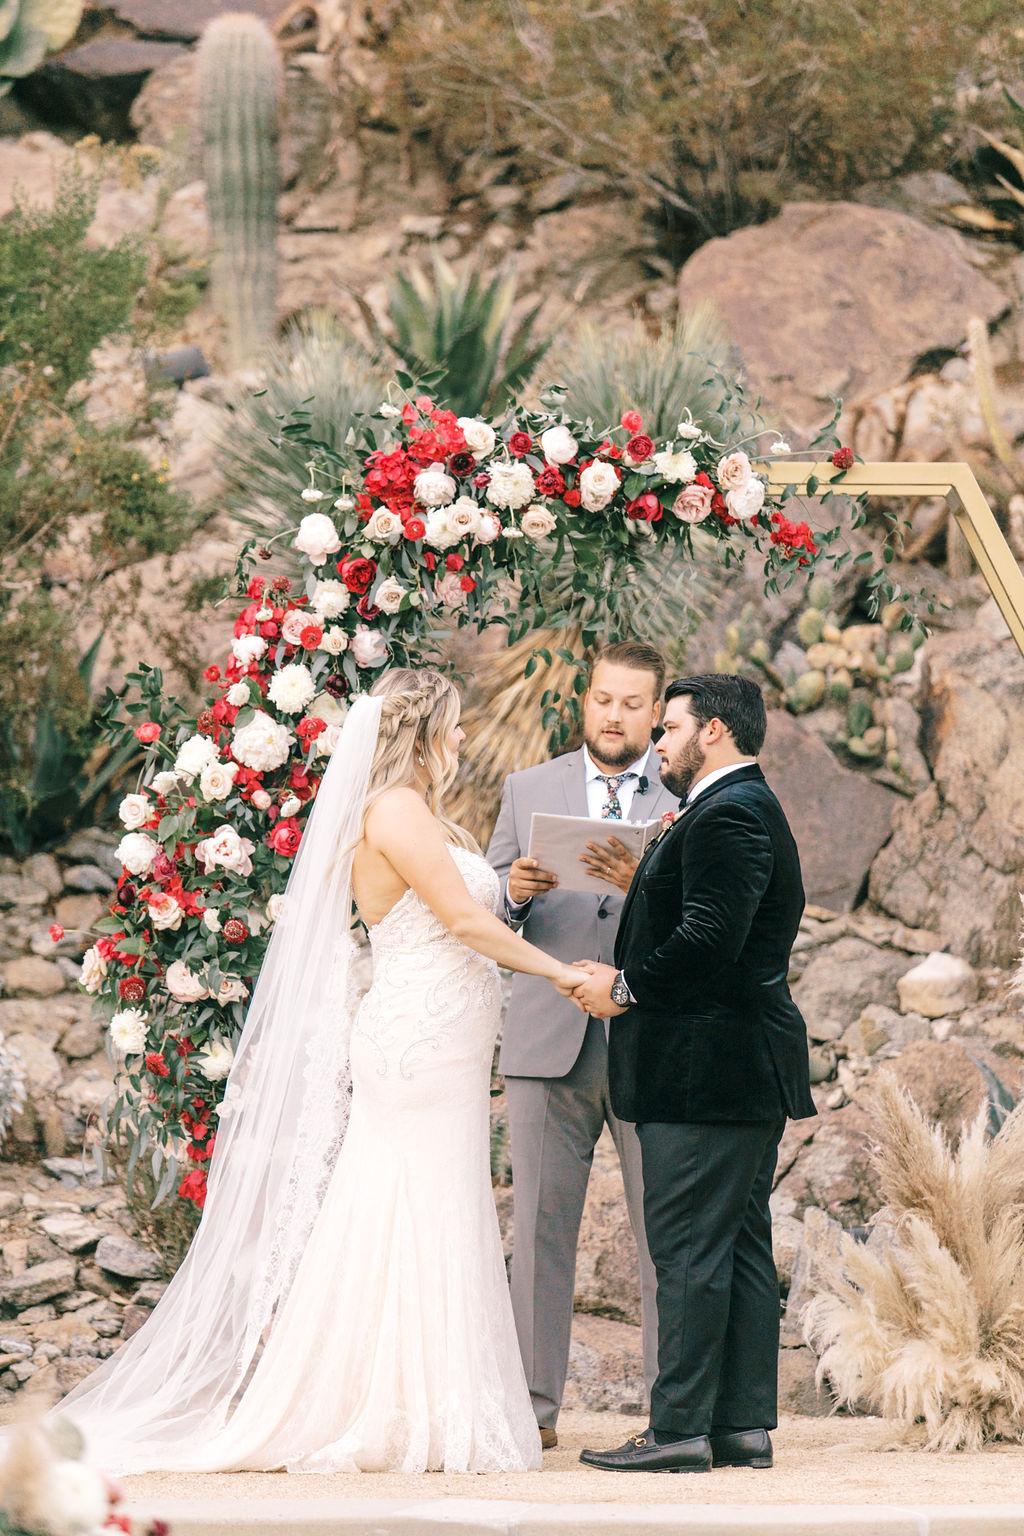 meagan robert wedding ceremony vows bride and groom